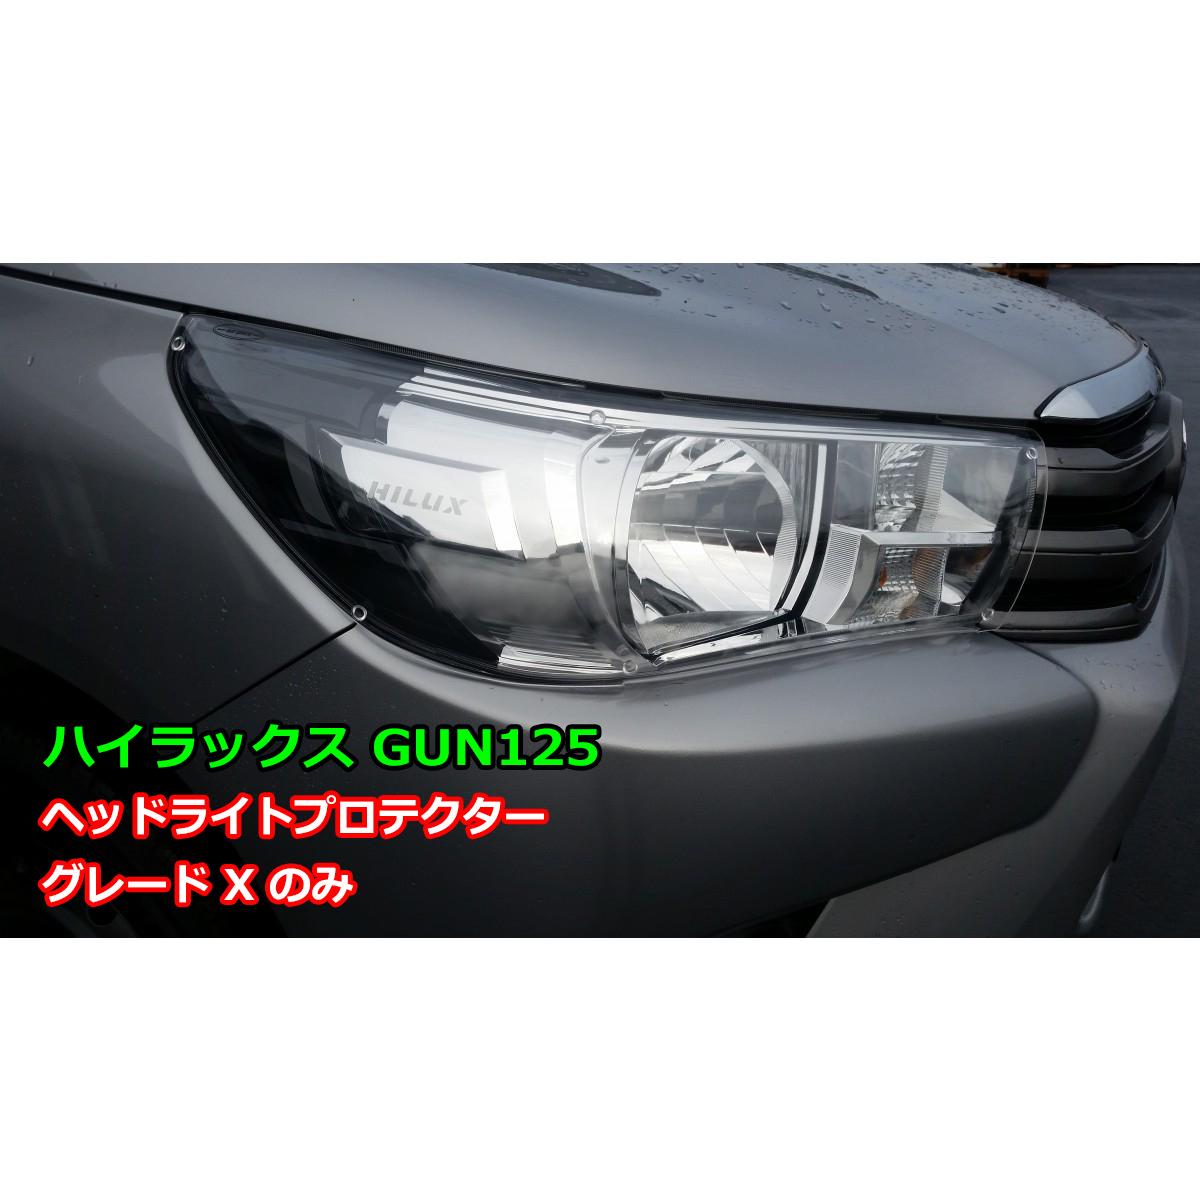 GUN125 パーツ TOYOTA Xグレード用 トヨタ クリア トラック 傷 ピックアップ 1年保証 黄ばみ ヘッドライトプロテクター 防止 ハイラックス